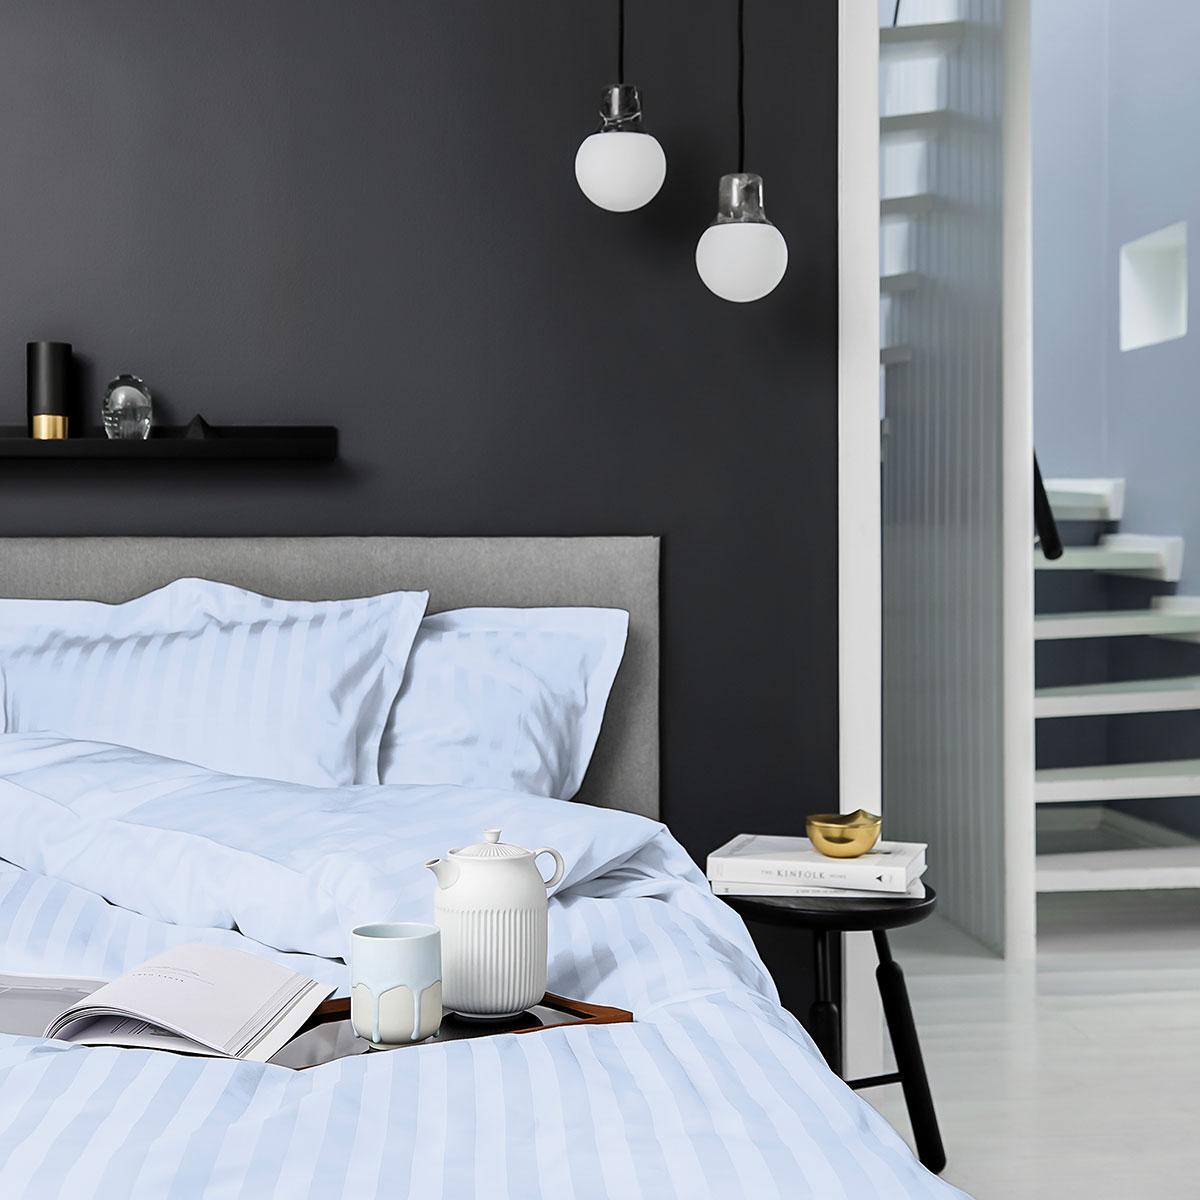 Billede af Georg Jensen Damask sengetøj - Vertical - Light blue